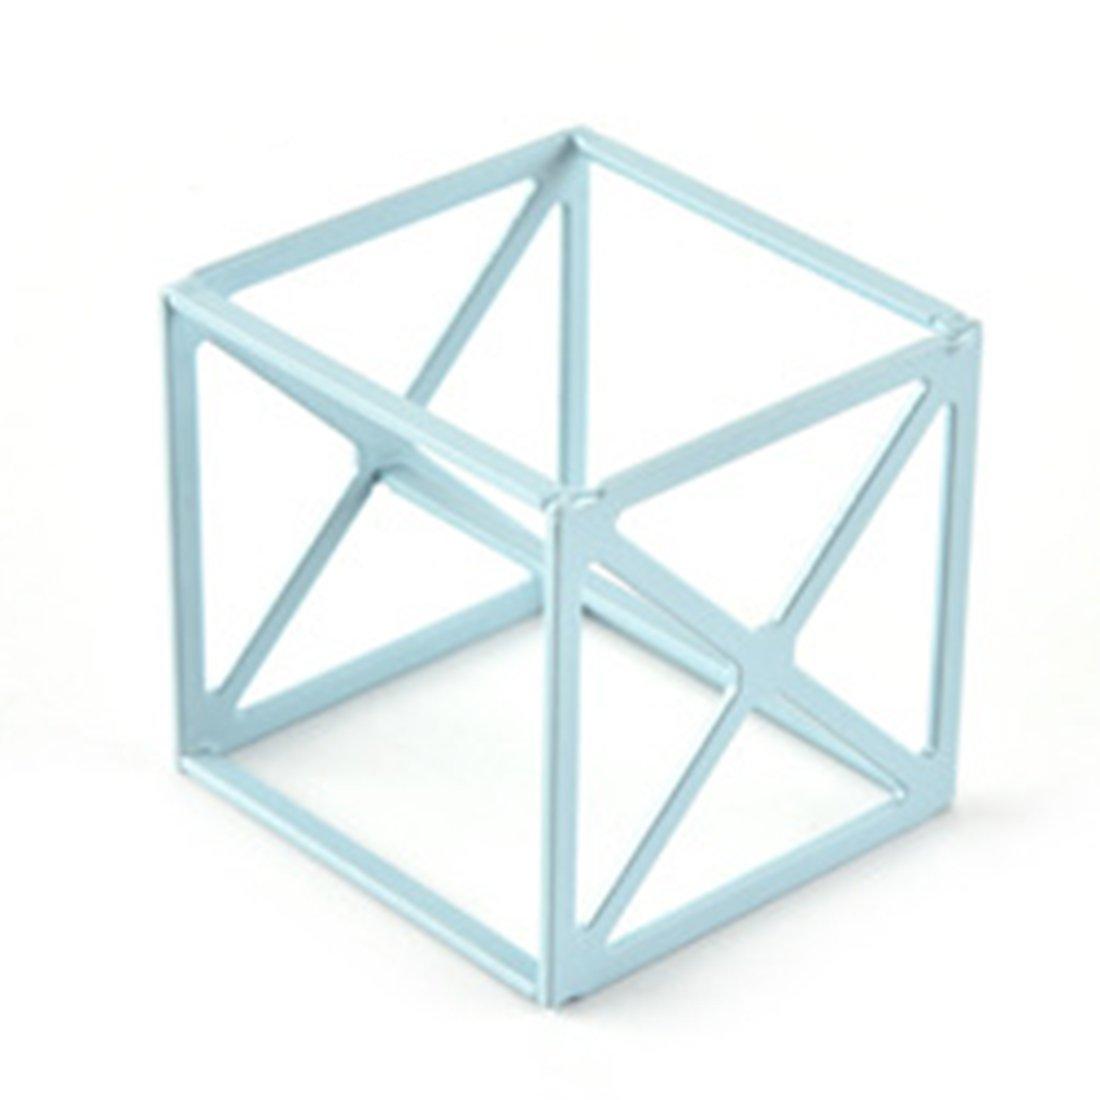 Trockengestell Makeup Puff Display Ständer Schwamm Halter Cute Cube kompatibel mitm Halterung t-Gold-2 ChenYao-Swansea